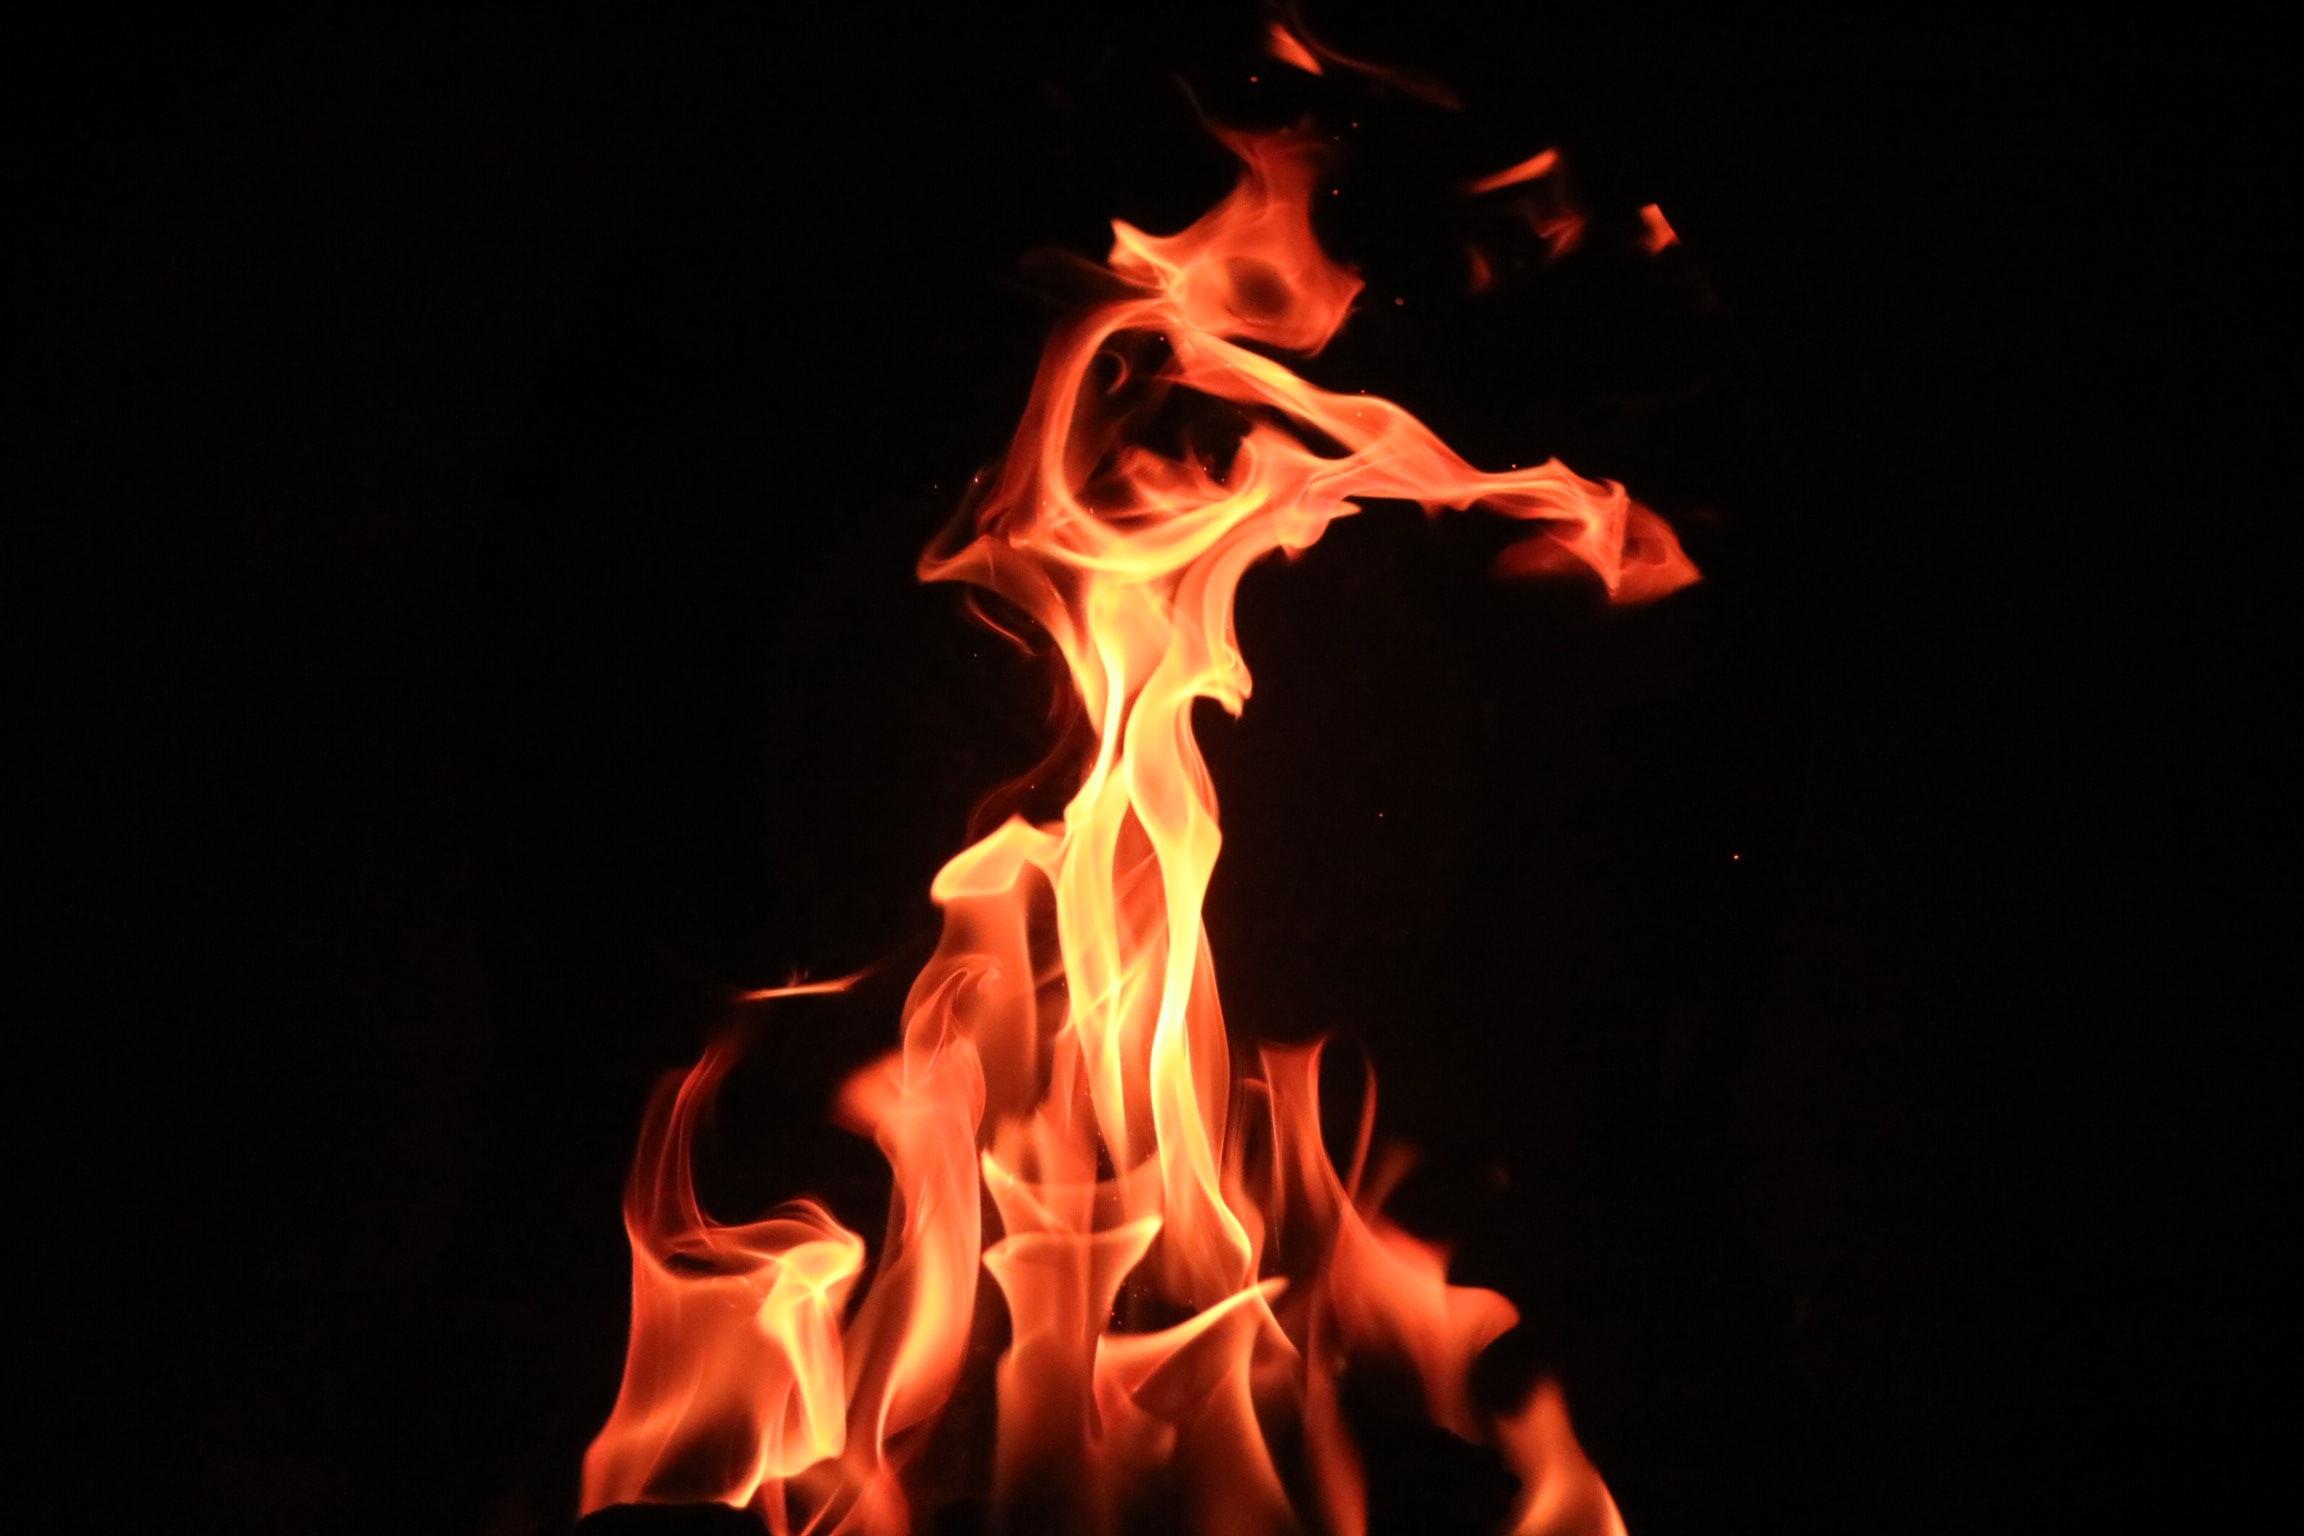 flames-background-thanks-to-cullan-smith-unsplash-for-eva-aro-portfolio